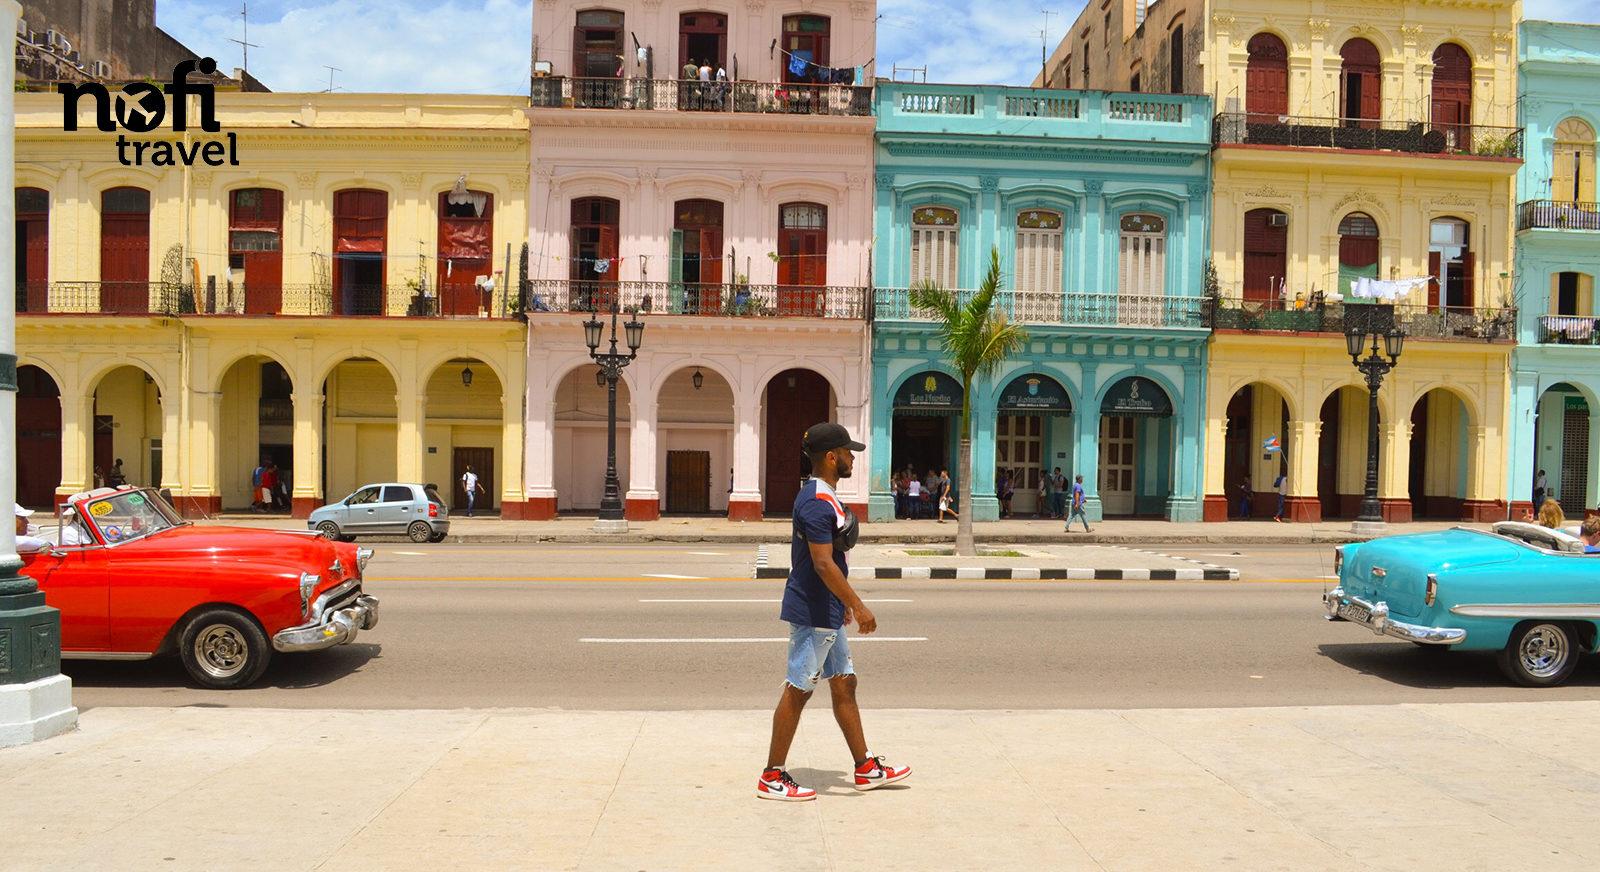 Nofi TRAVEL #4 [CUBA] étape 1: La Havane, la «ville aux Mille Colonnes»